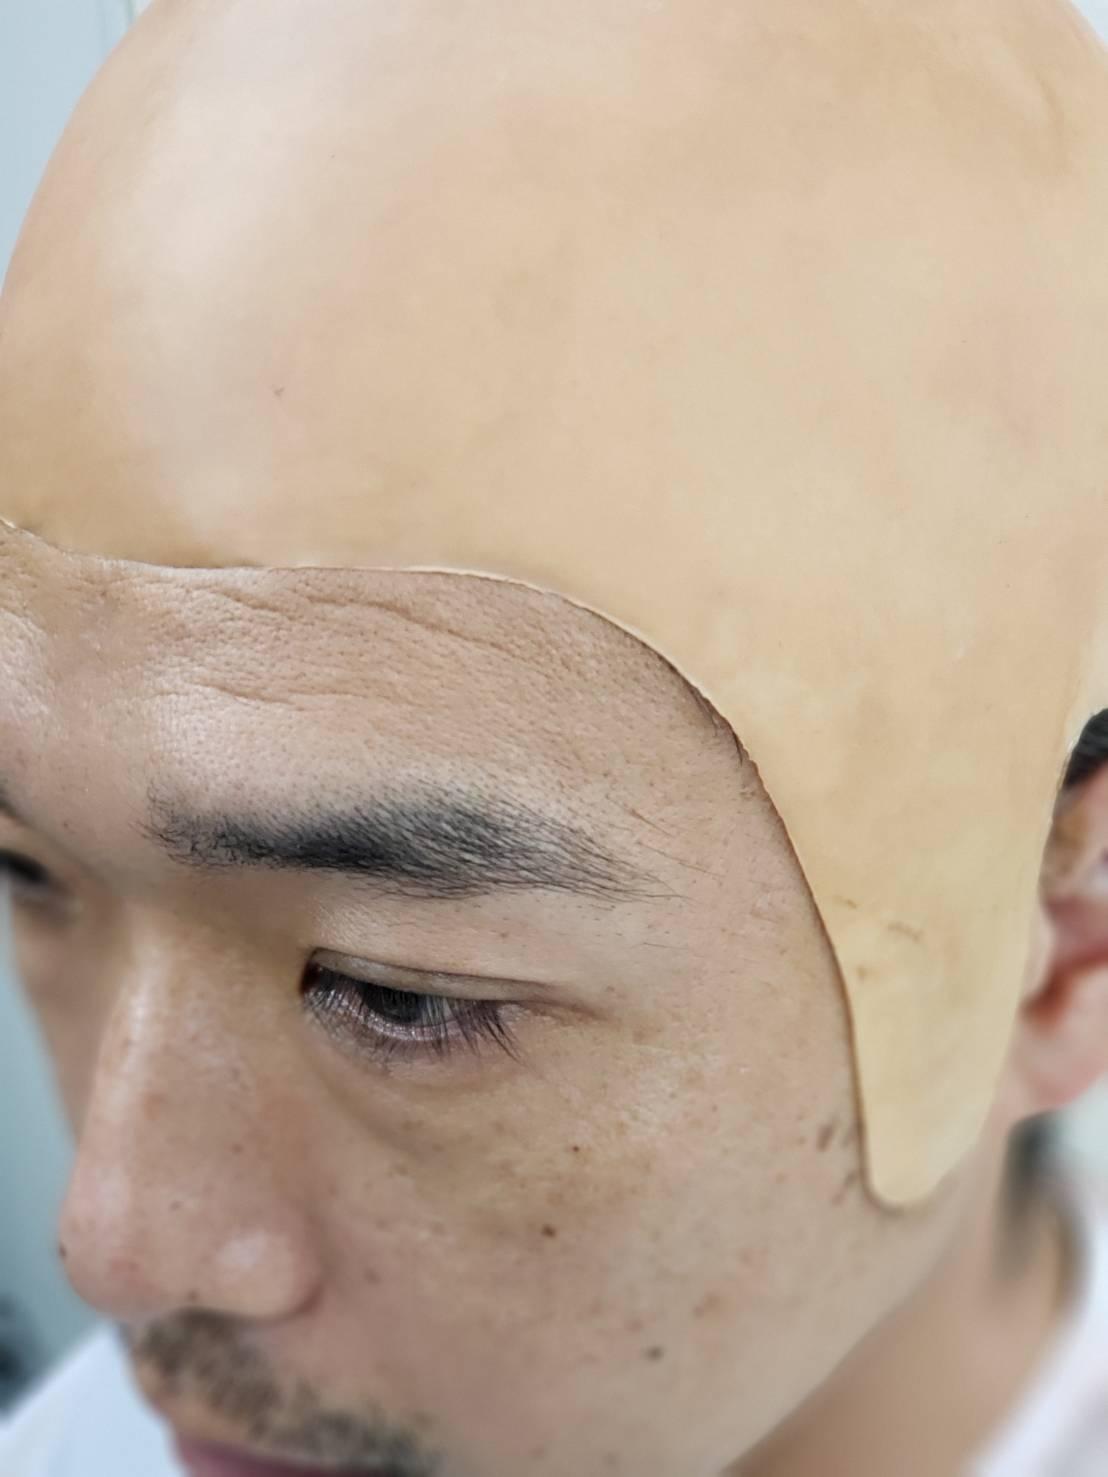 各種イベント・コントバラエティ用です。 皮膚との境目は特殊メイクのような仕様にはなりません。 数多くのバリエーションをご用意しています。